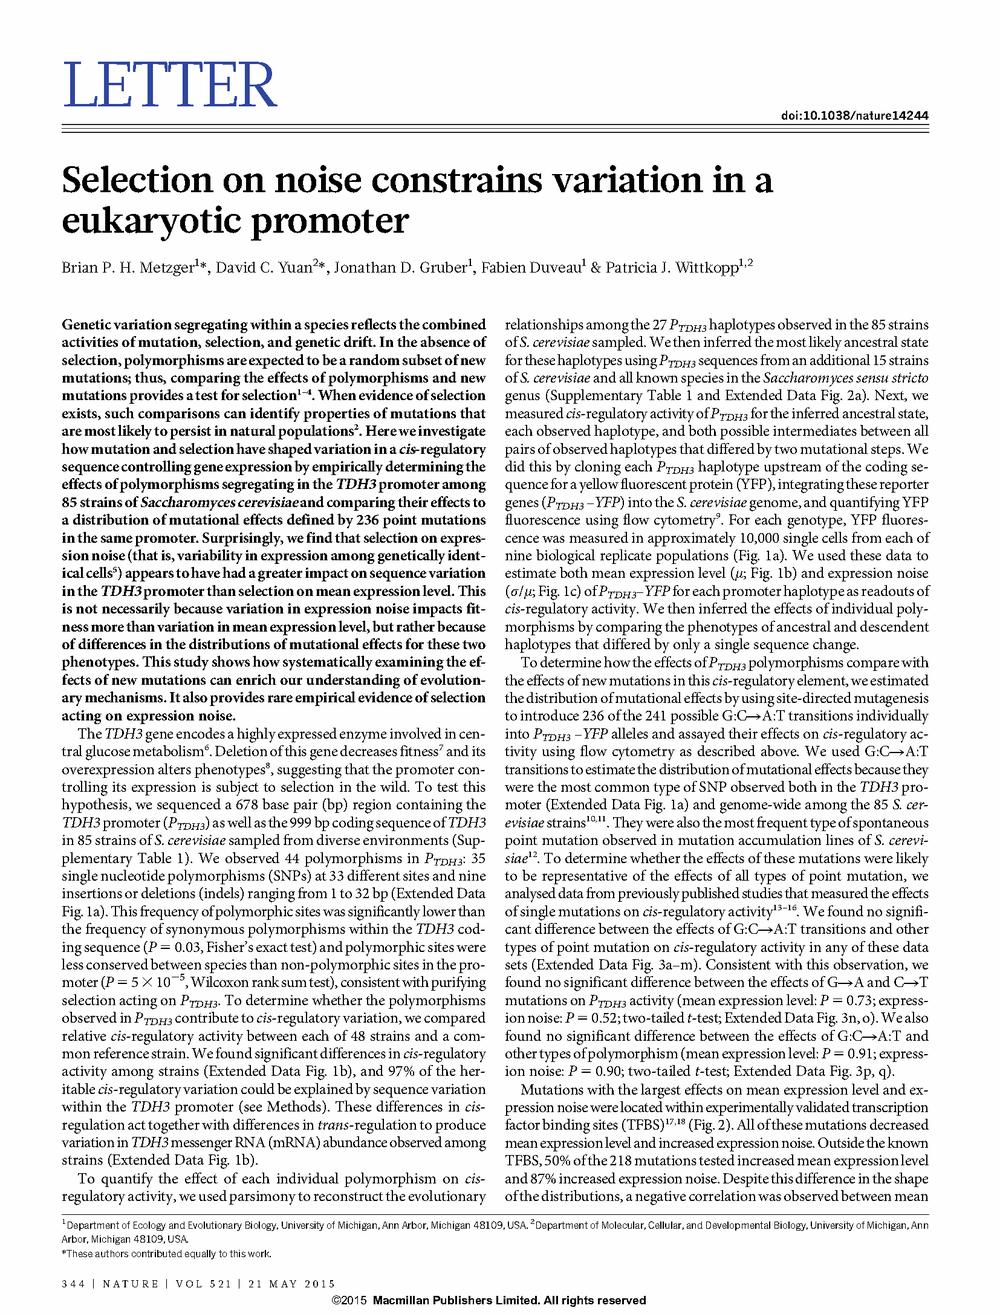 Metzger et al. - 2015_Page_01.png